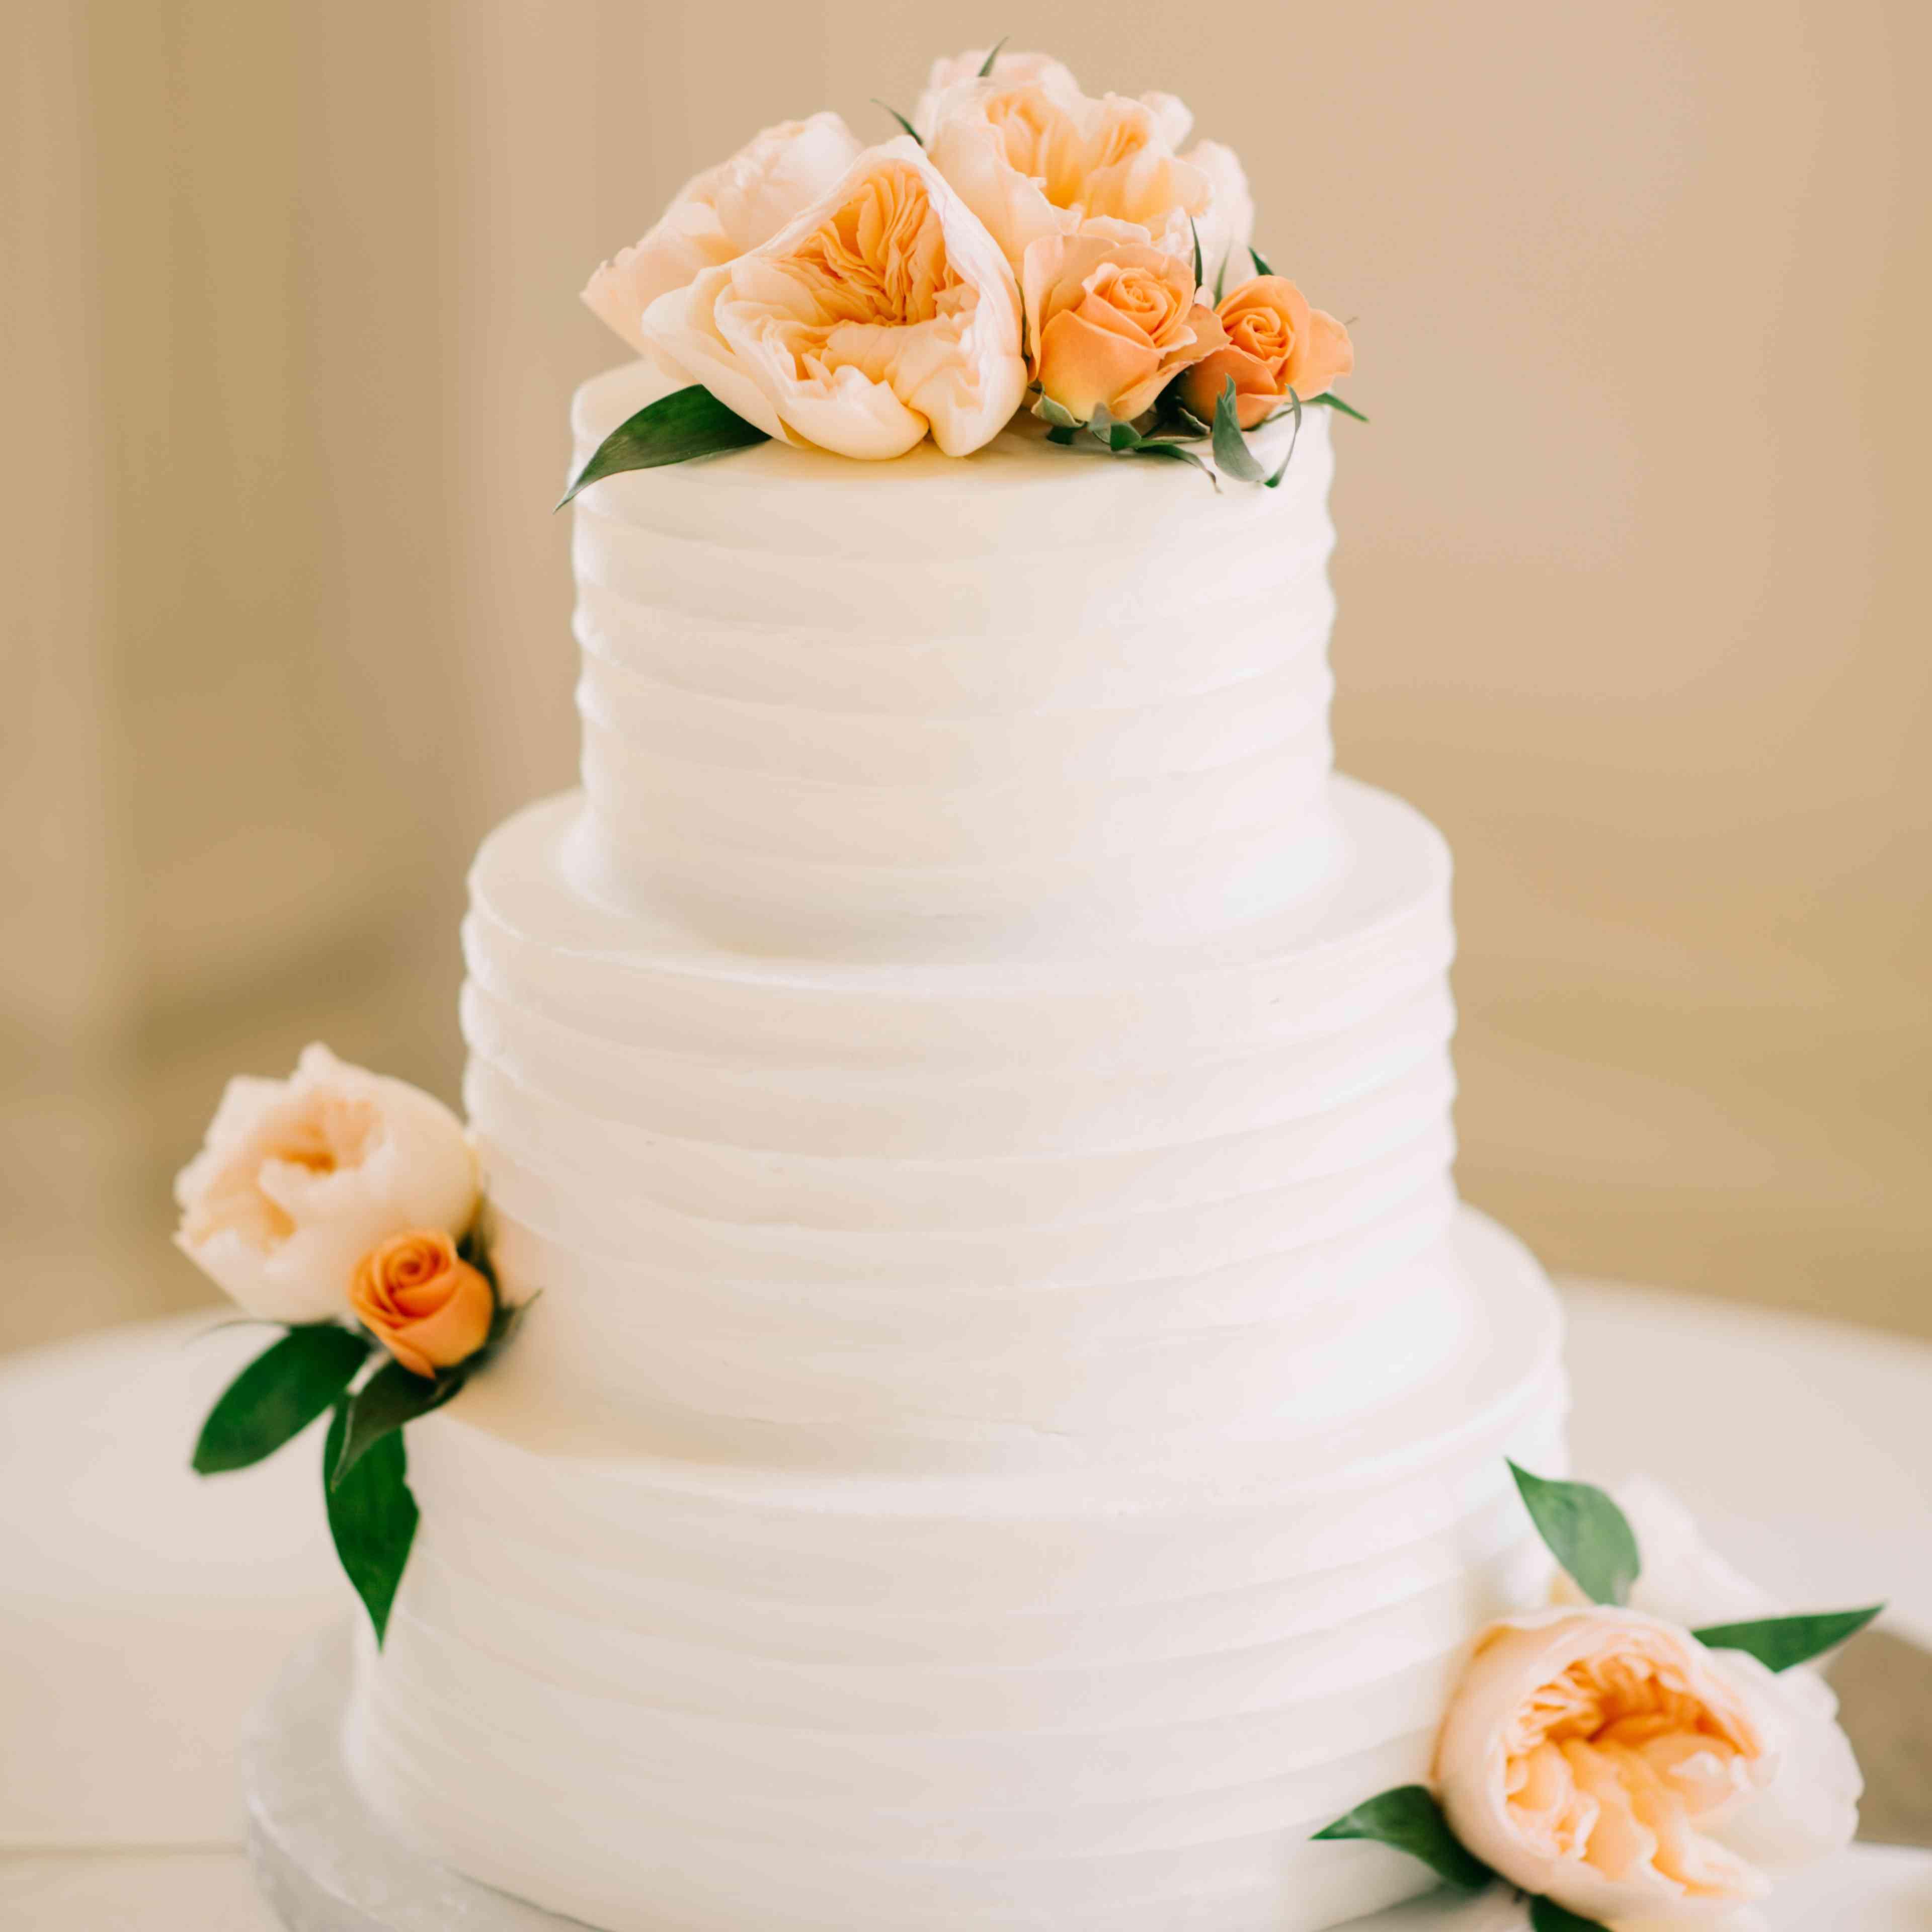 <p>cake</p><br><br>